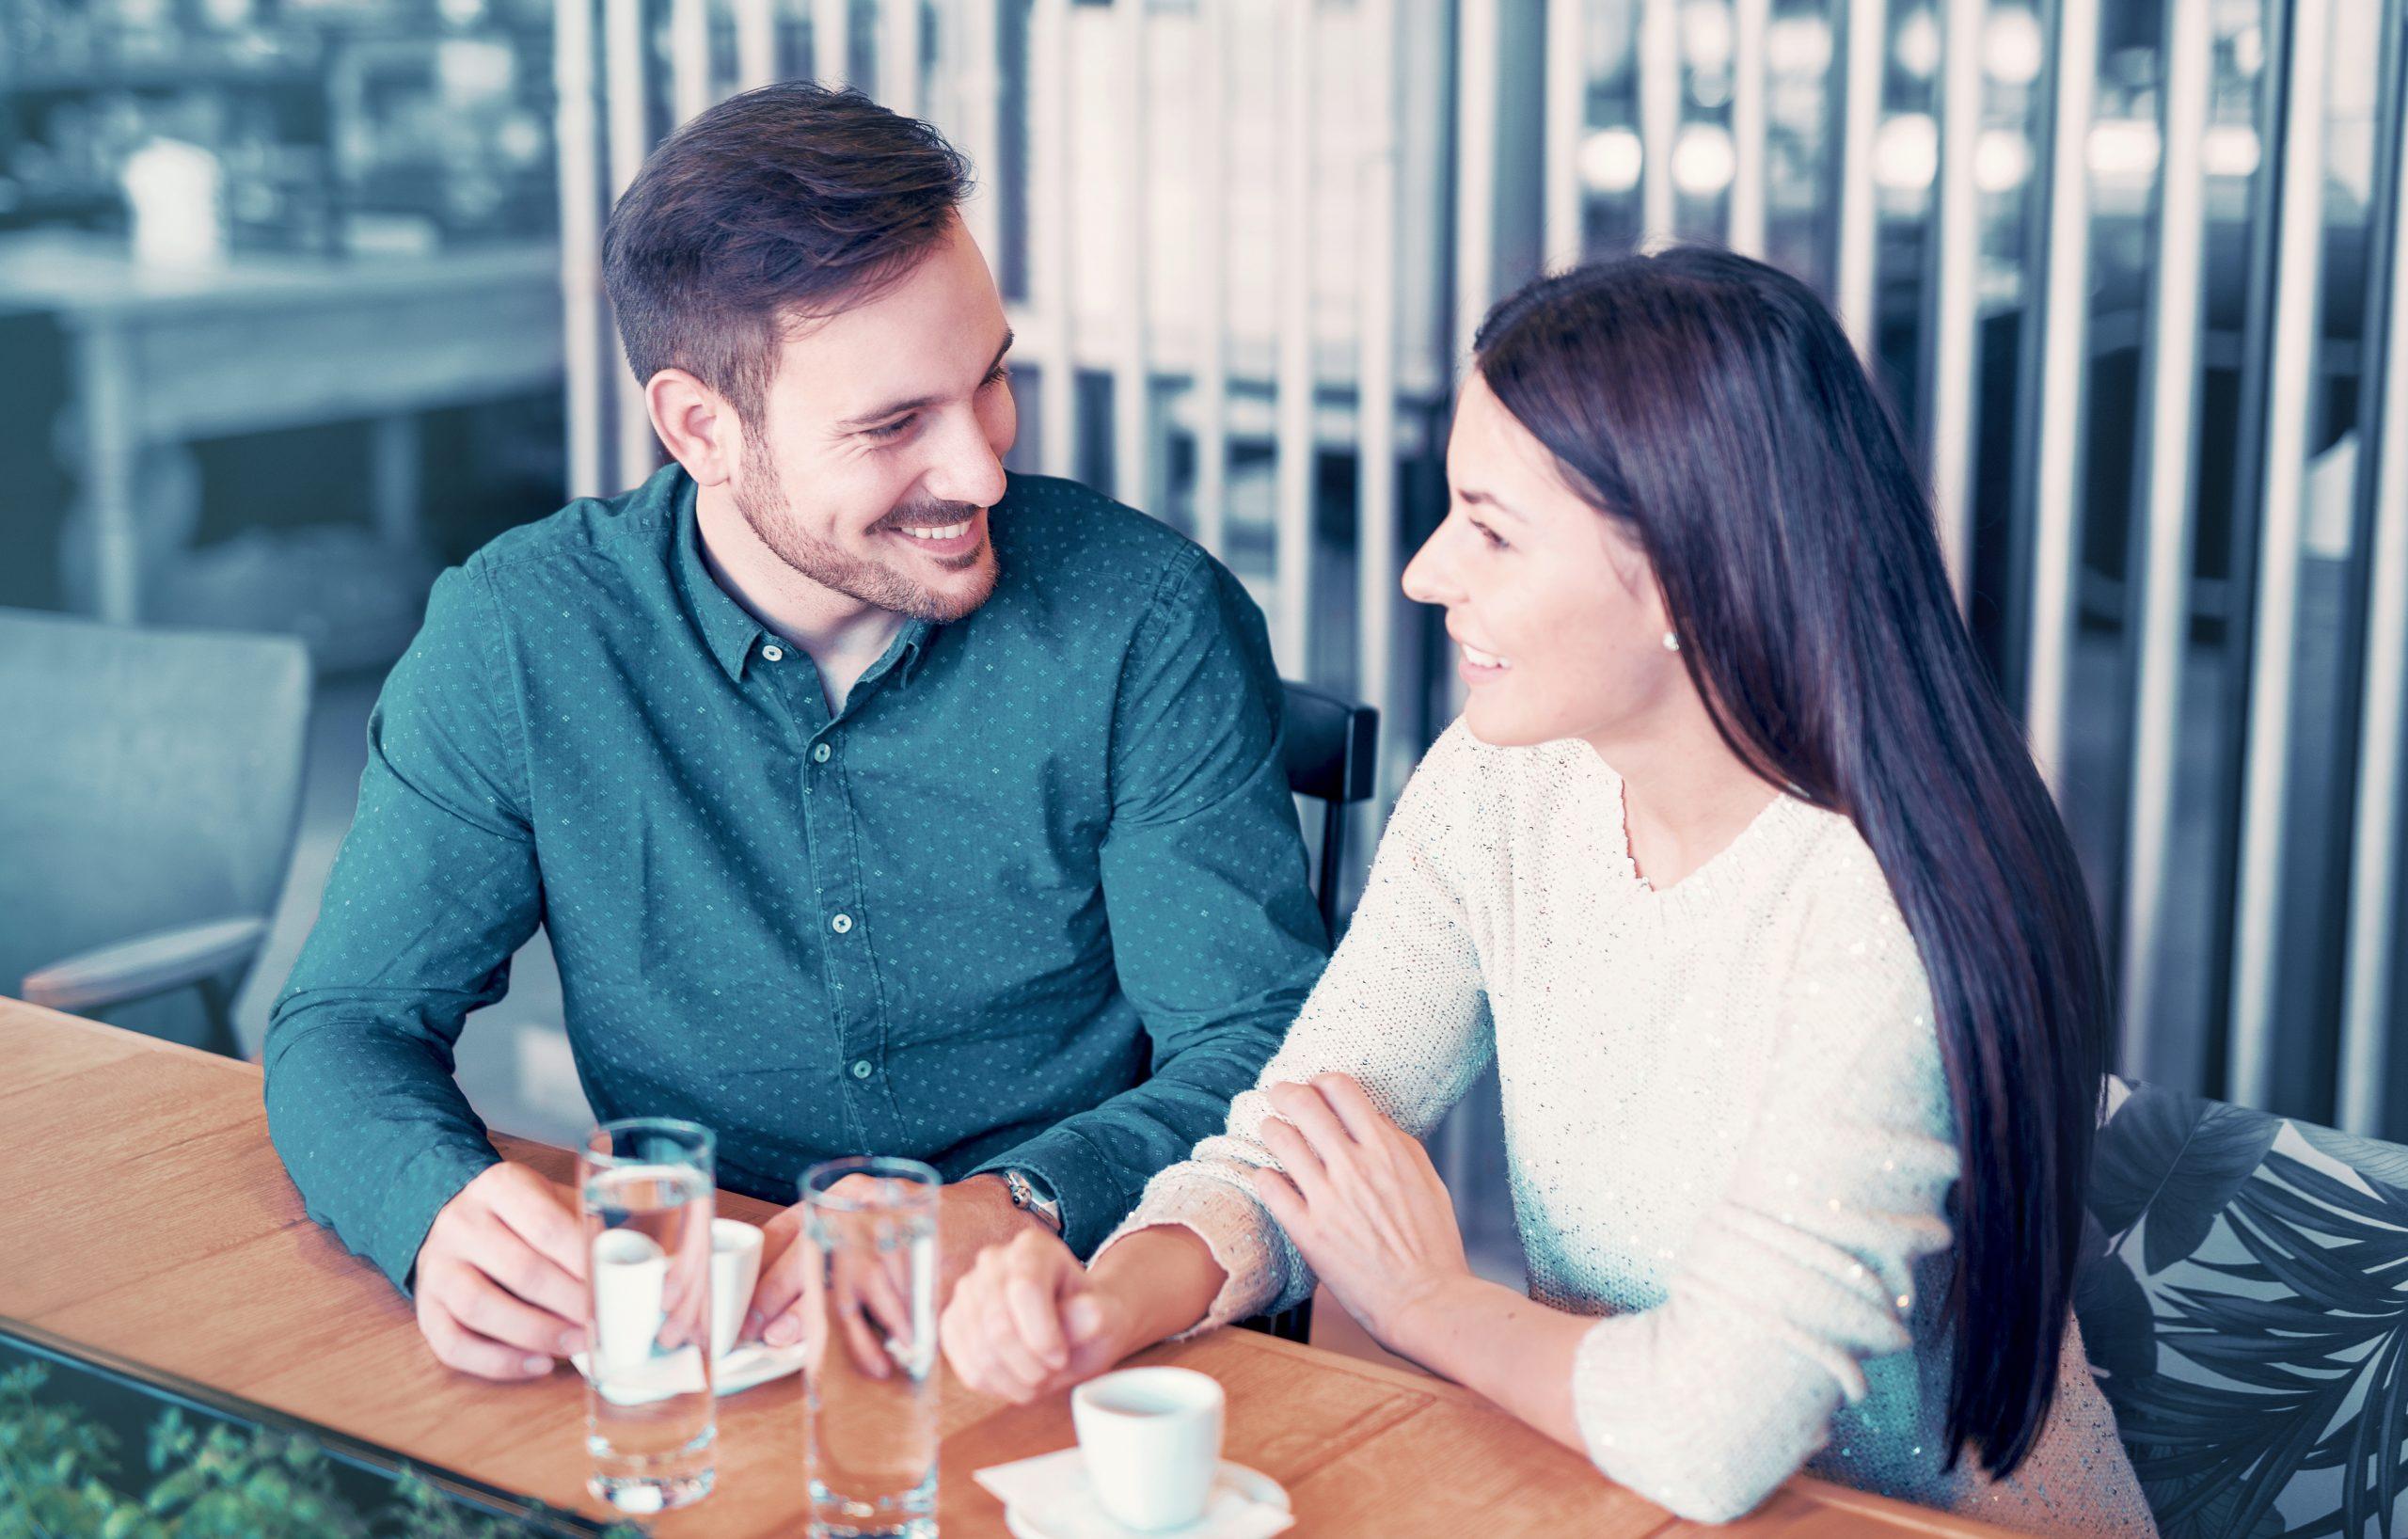 《神谷奈月の結婚占い》|【大恋愛が見えるよ】今あなたを好きな異性◆名&顔